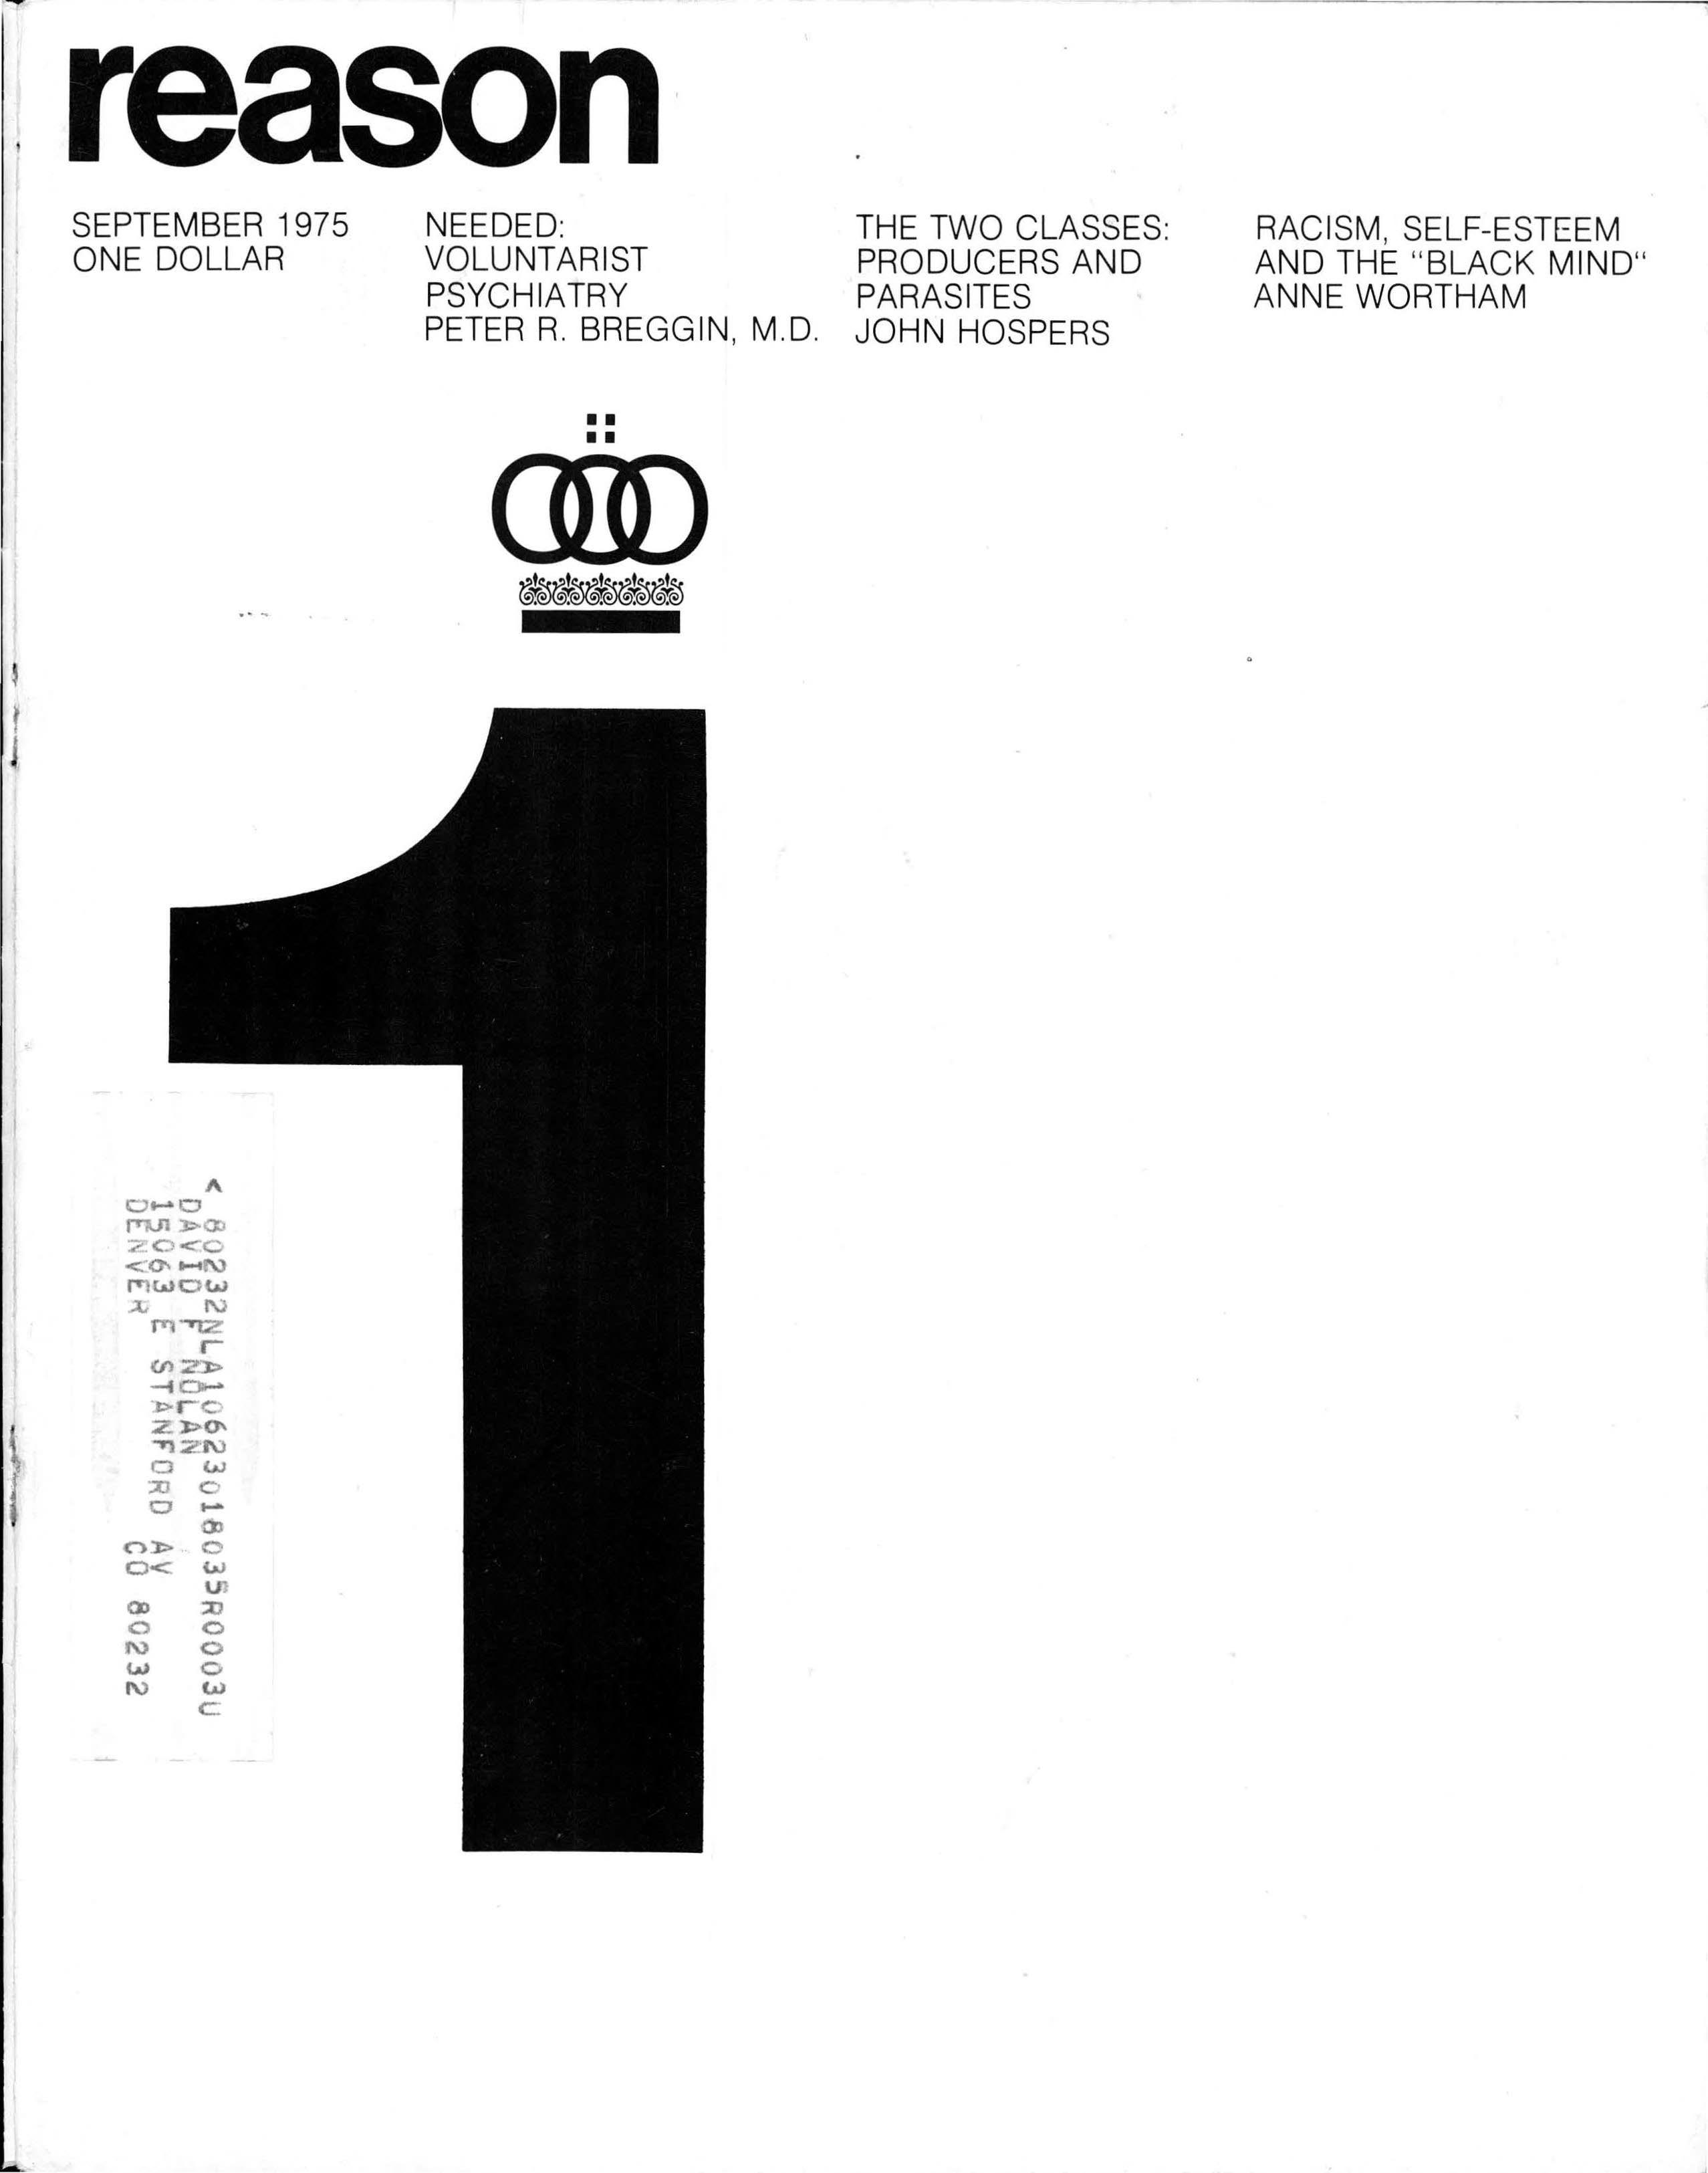 Reason Magazine, September 1975 cover image